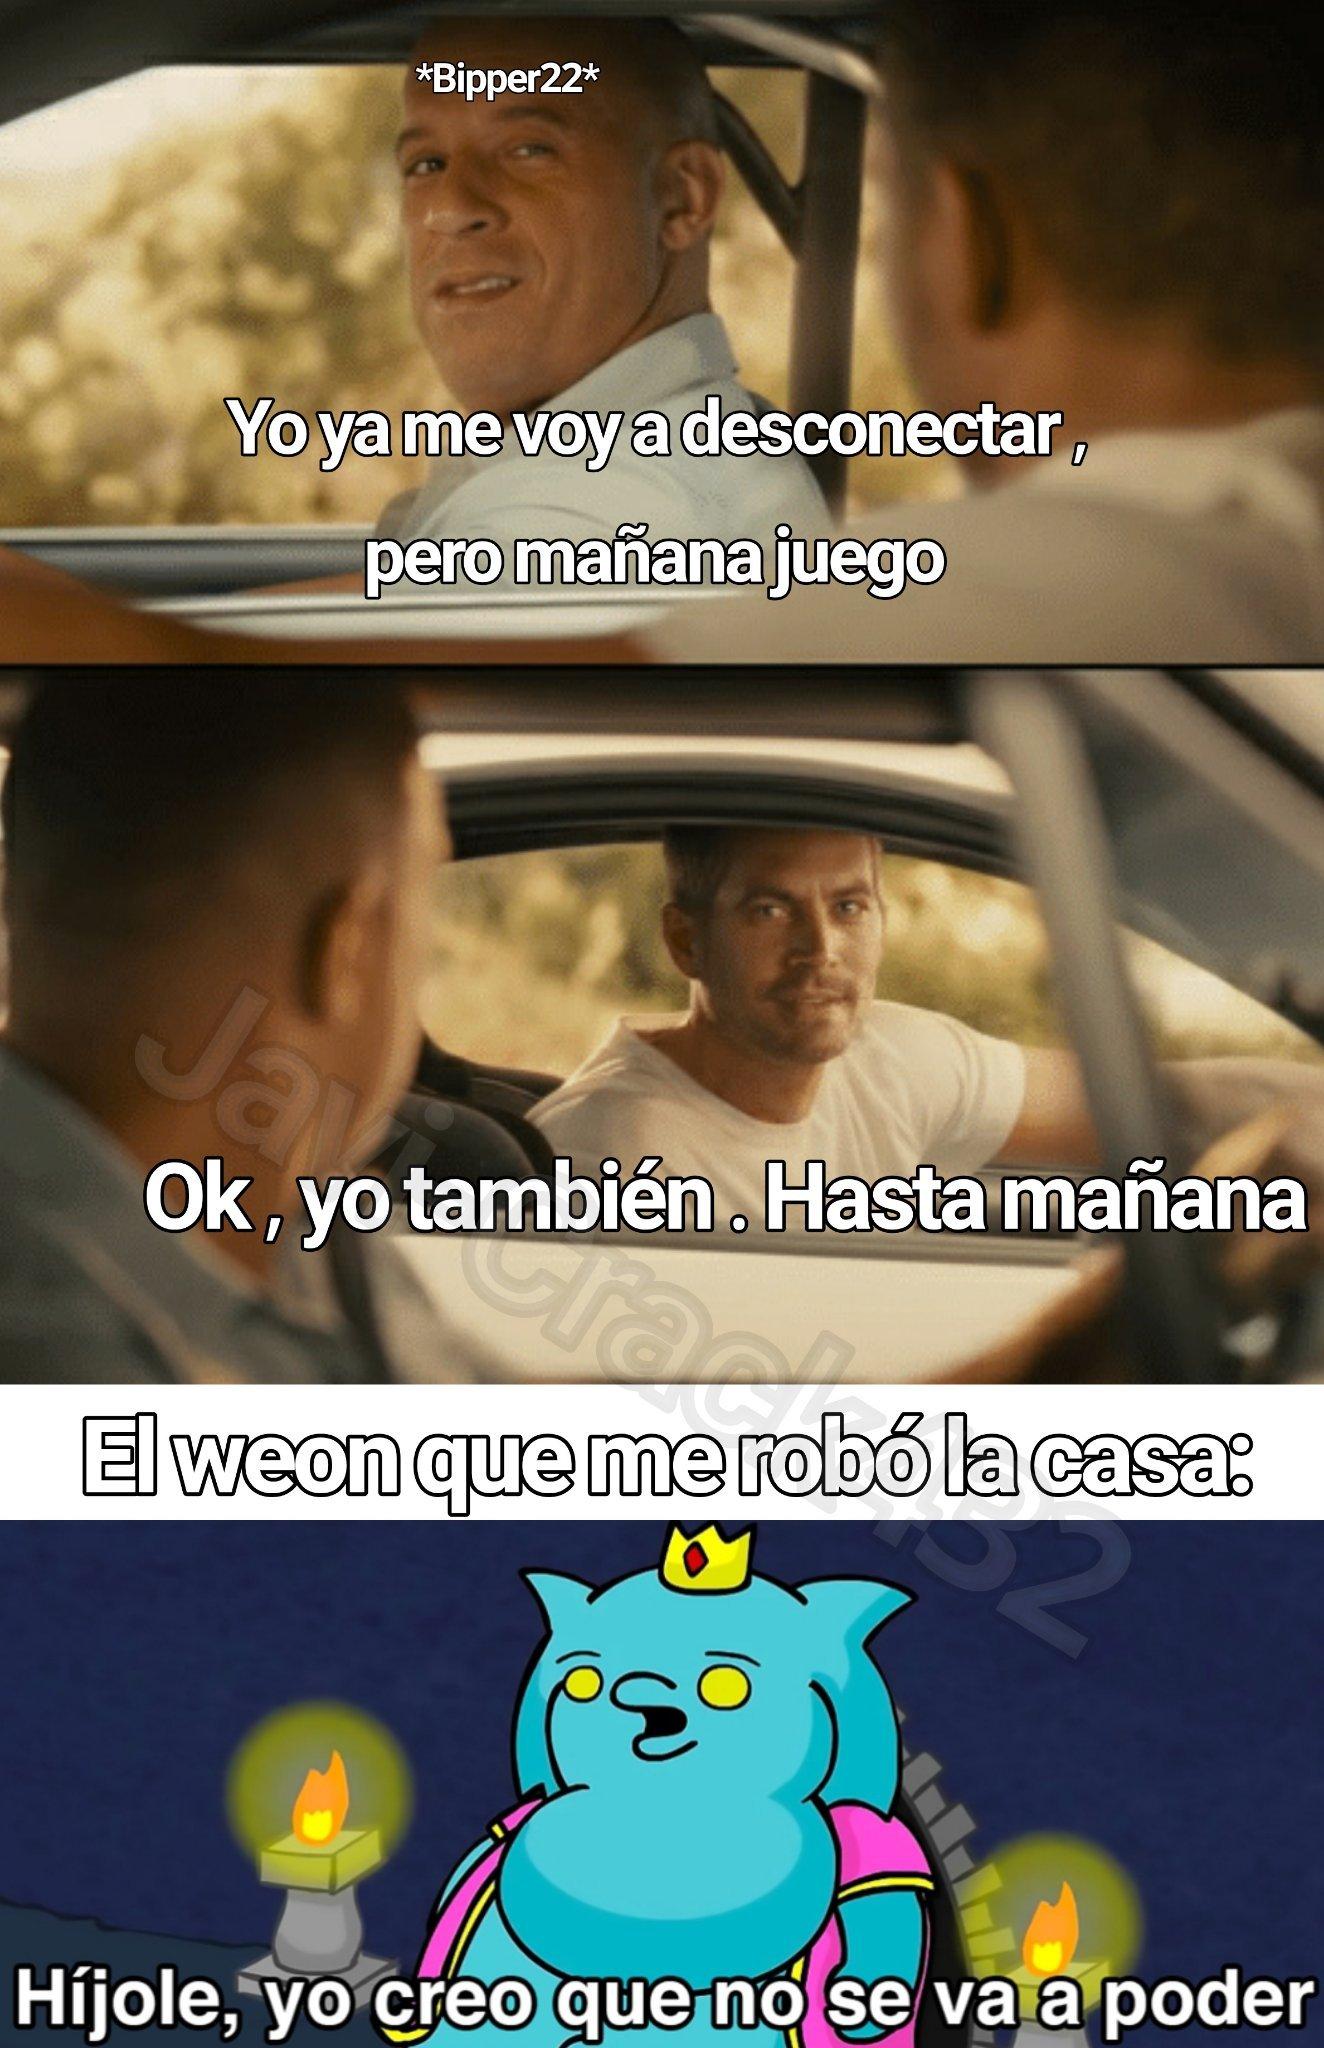 Meme personal